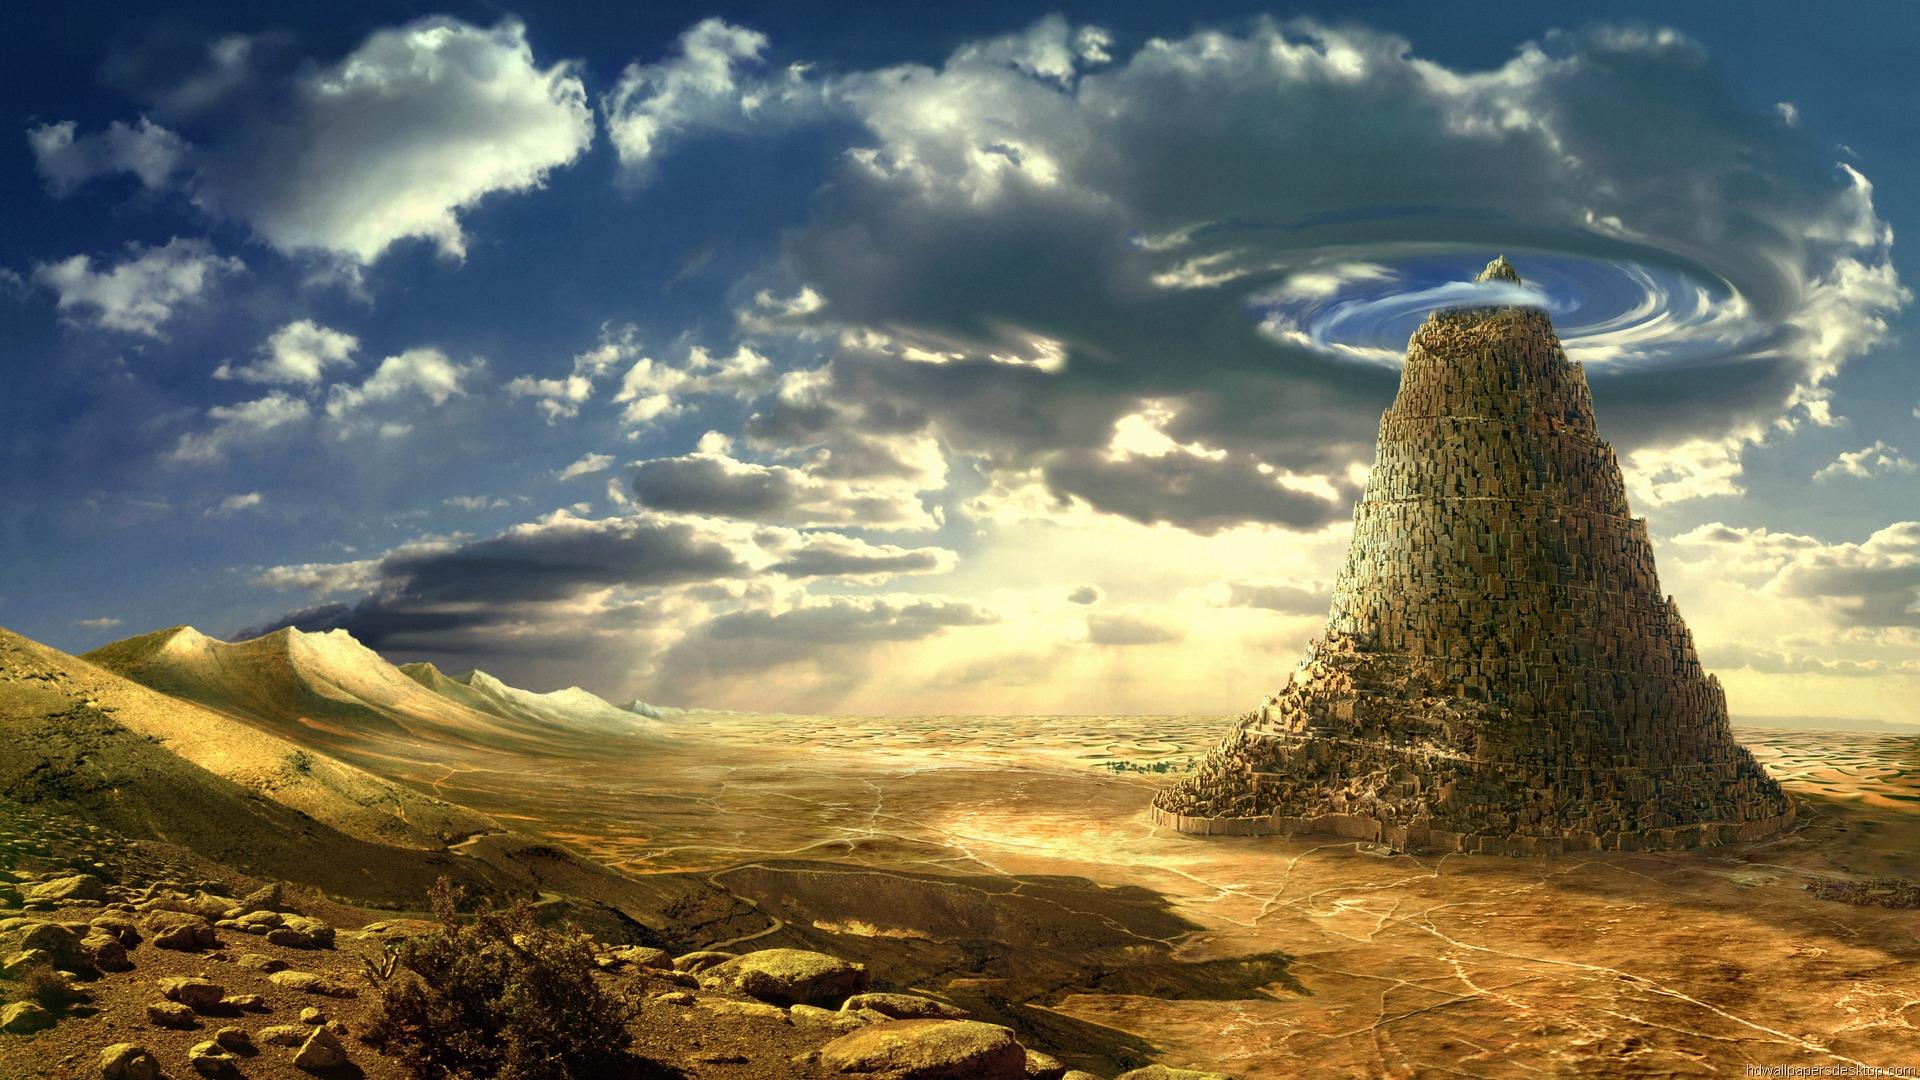 Beautiful Hd Wallpapers Wide 1080p Wallpapersafari